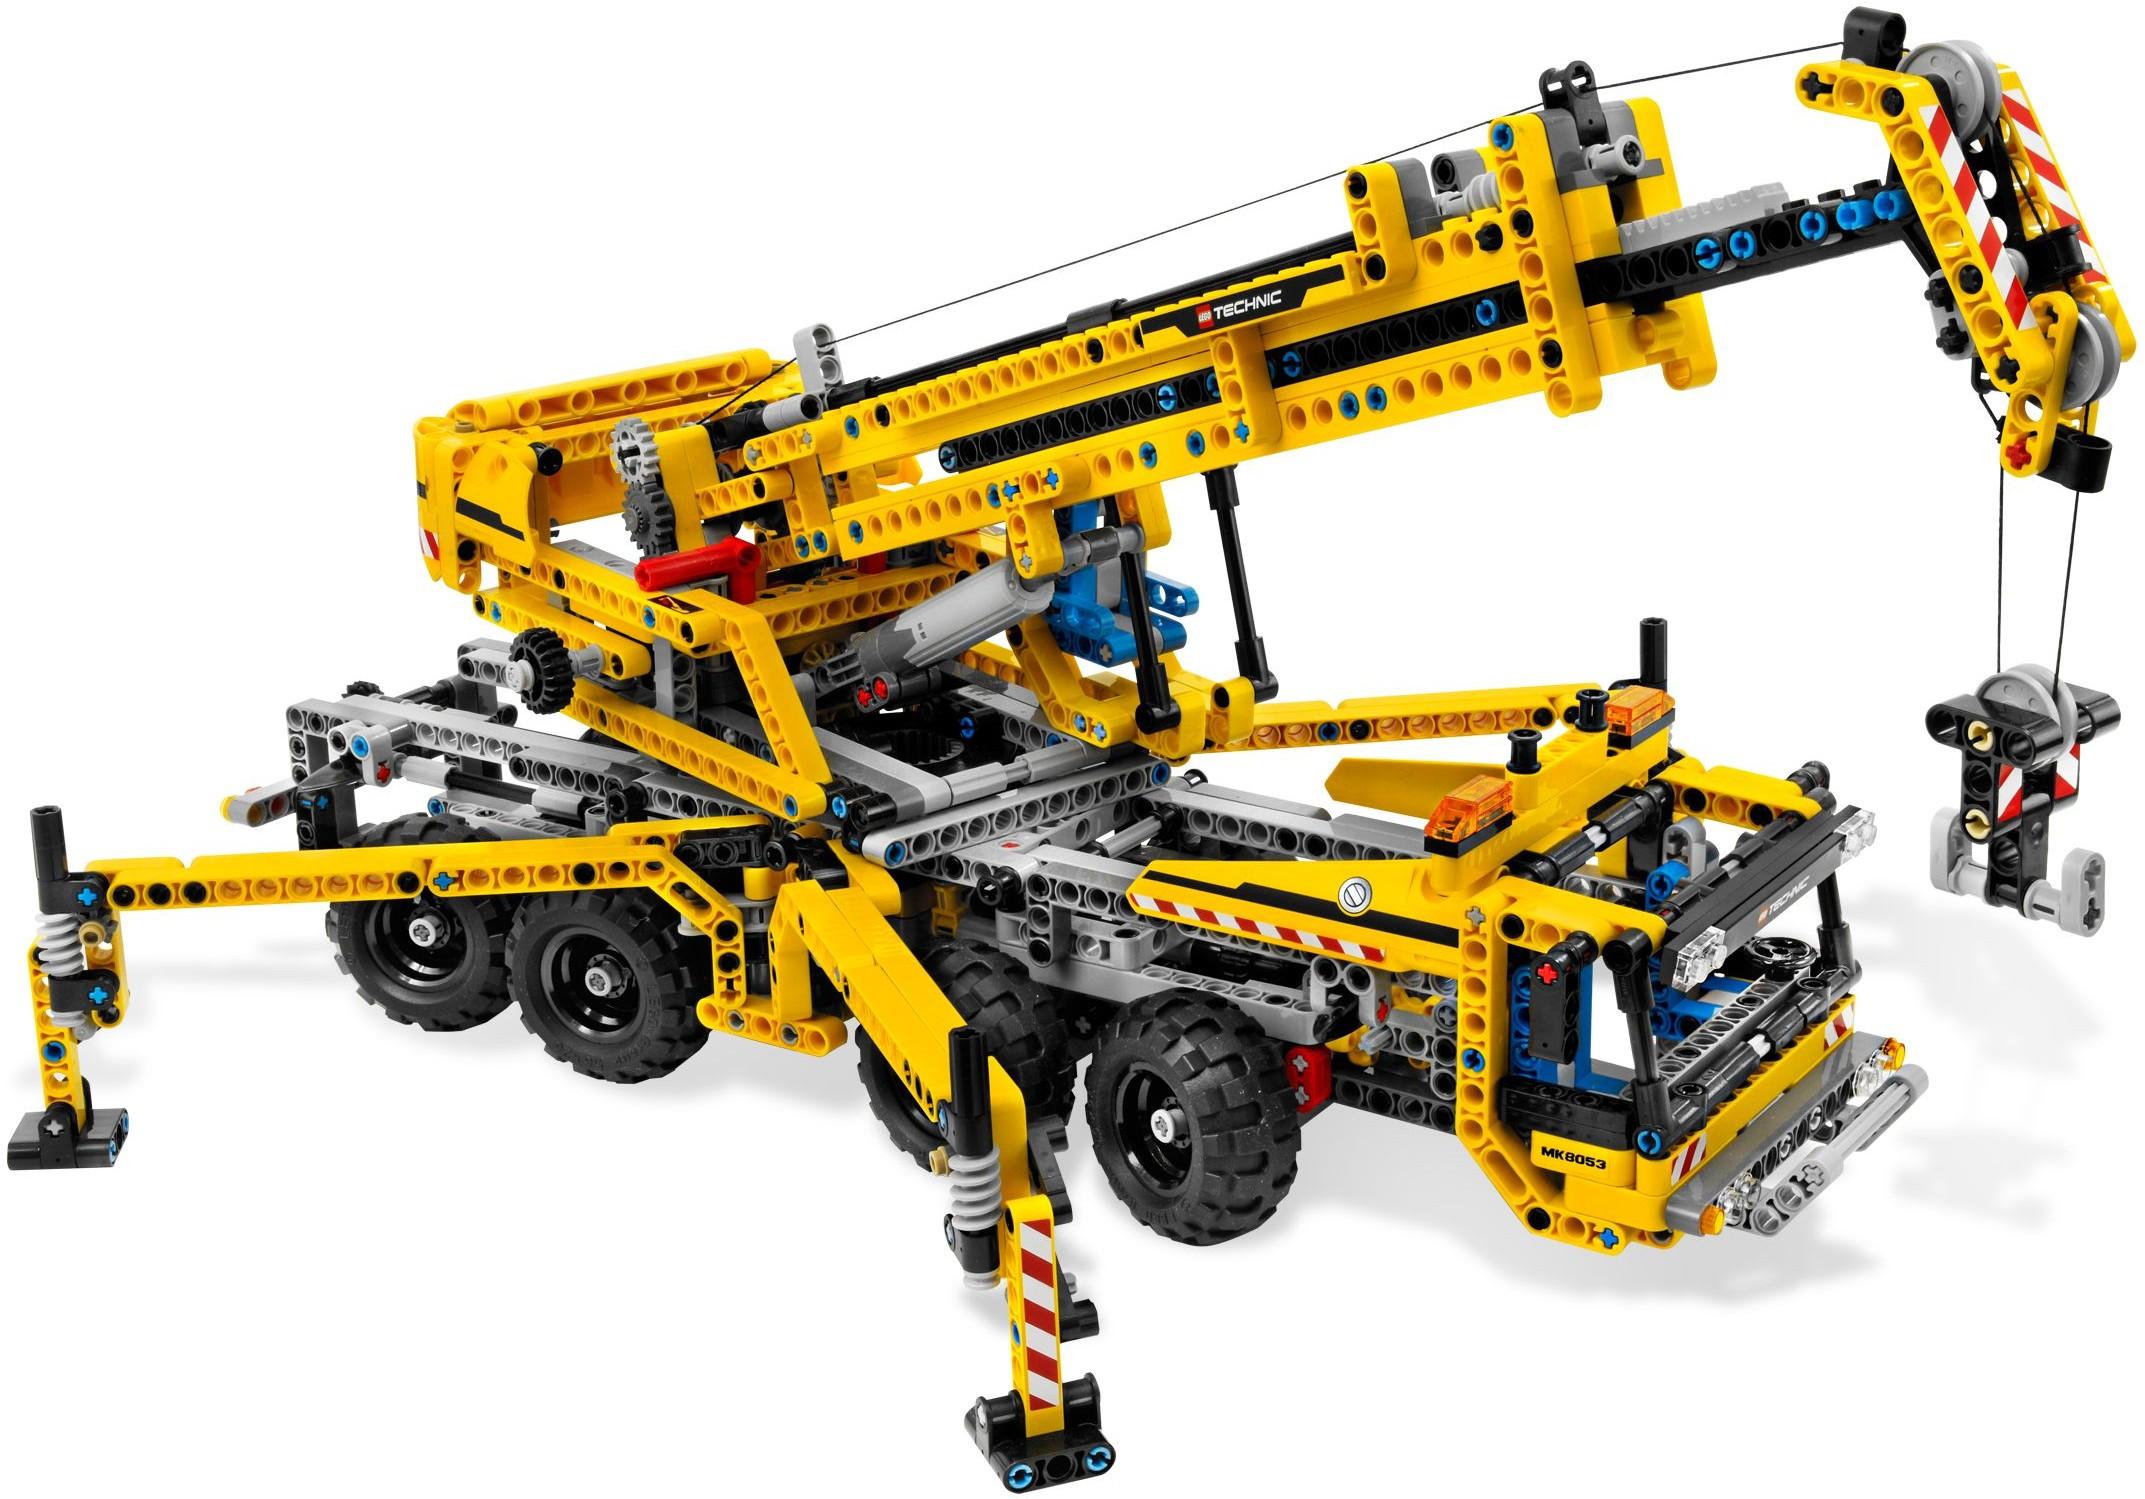 Technic | 2010 | Brickset: LEGO set guide and database